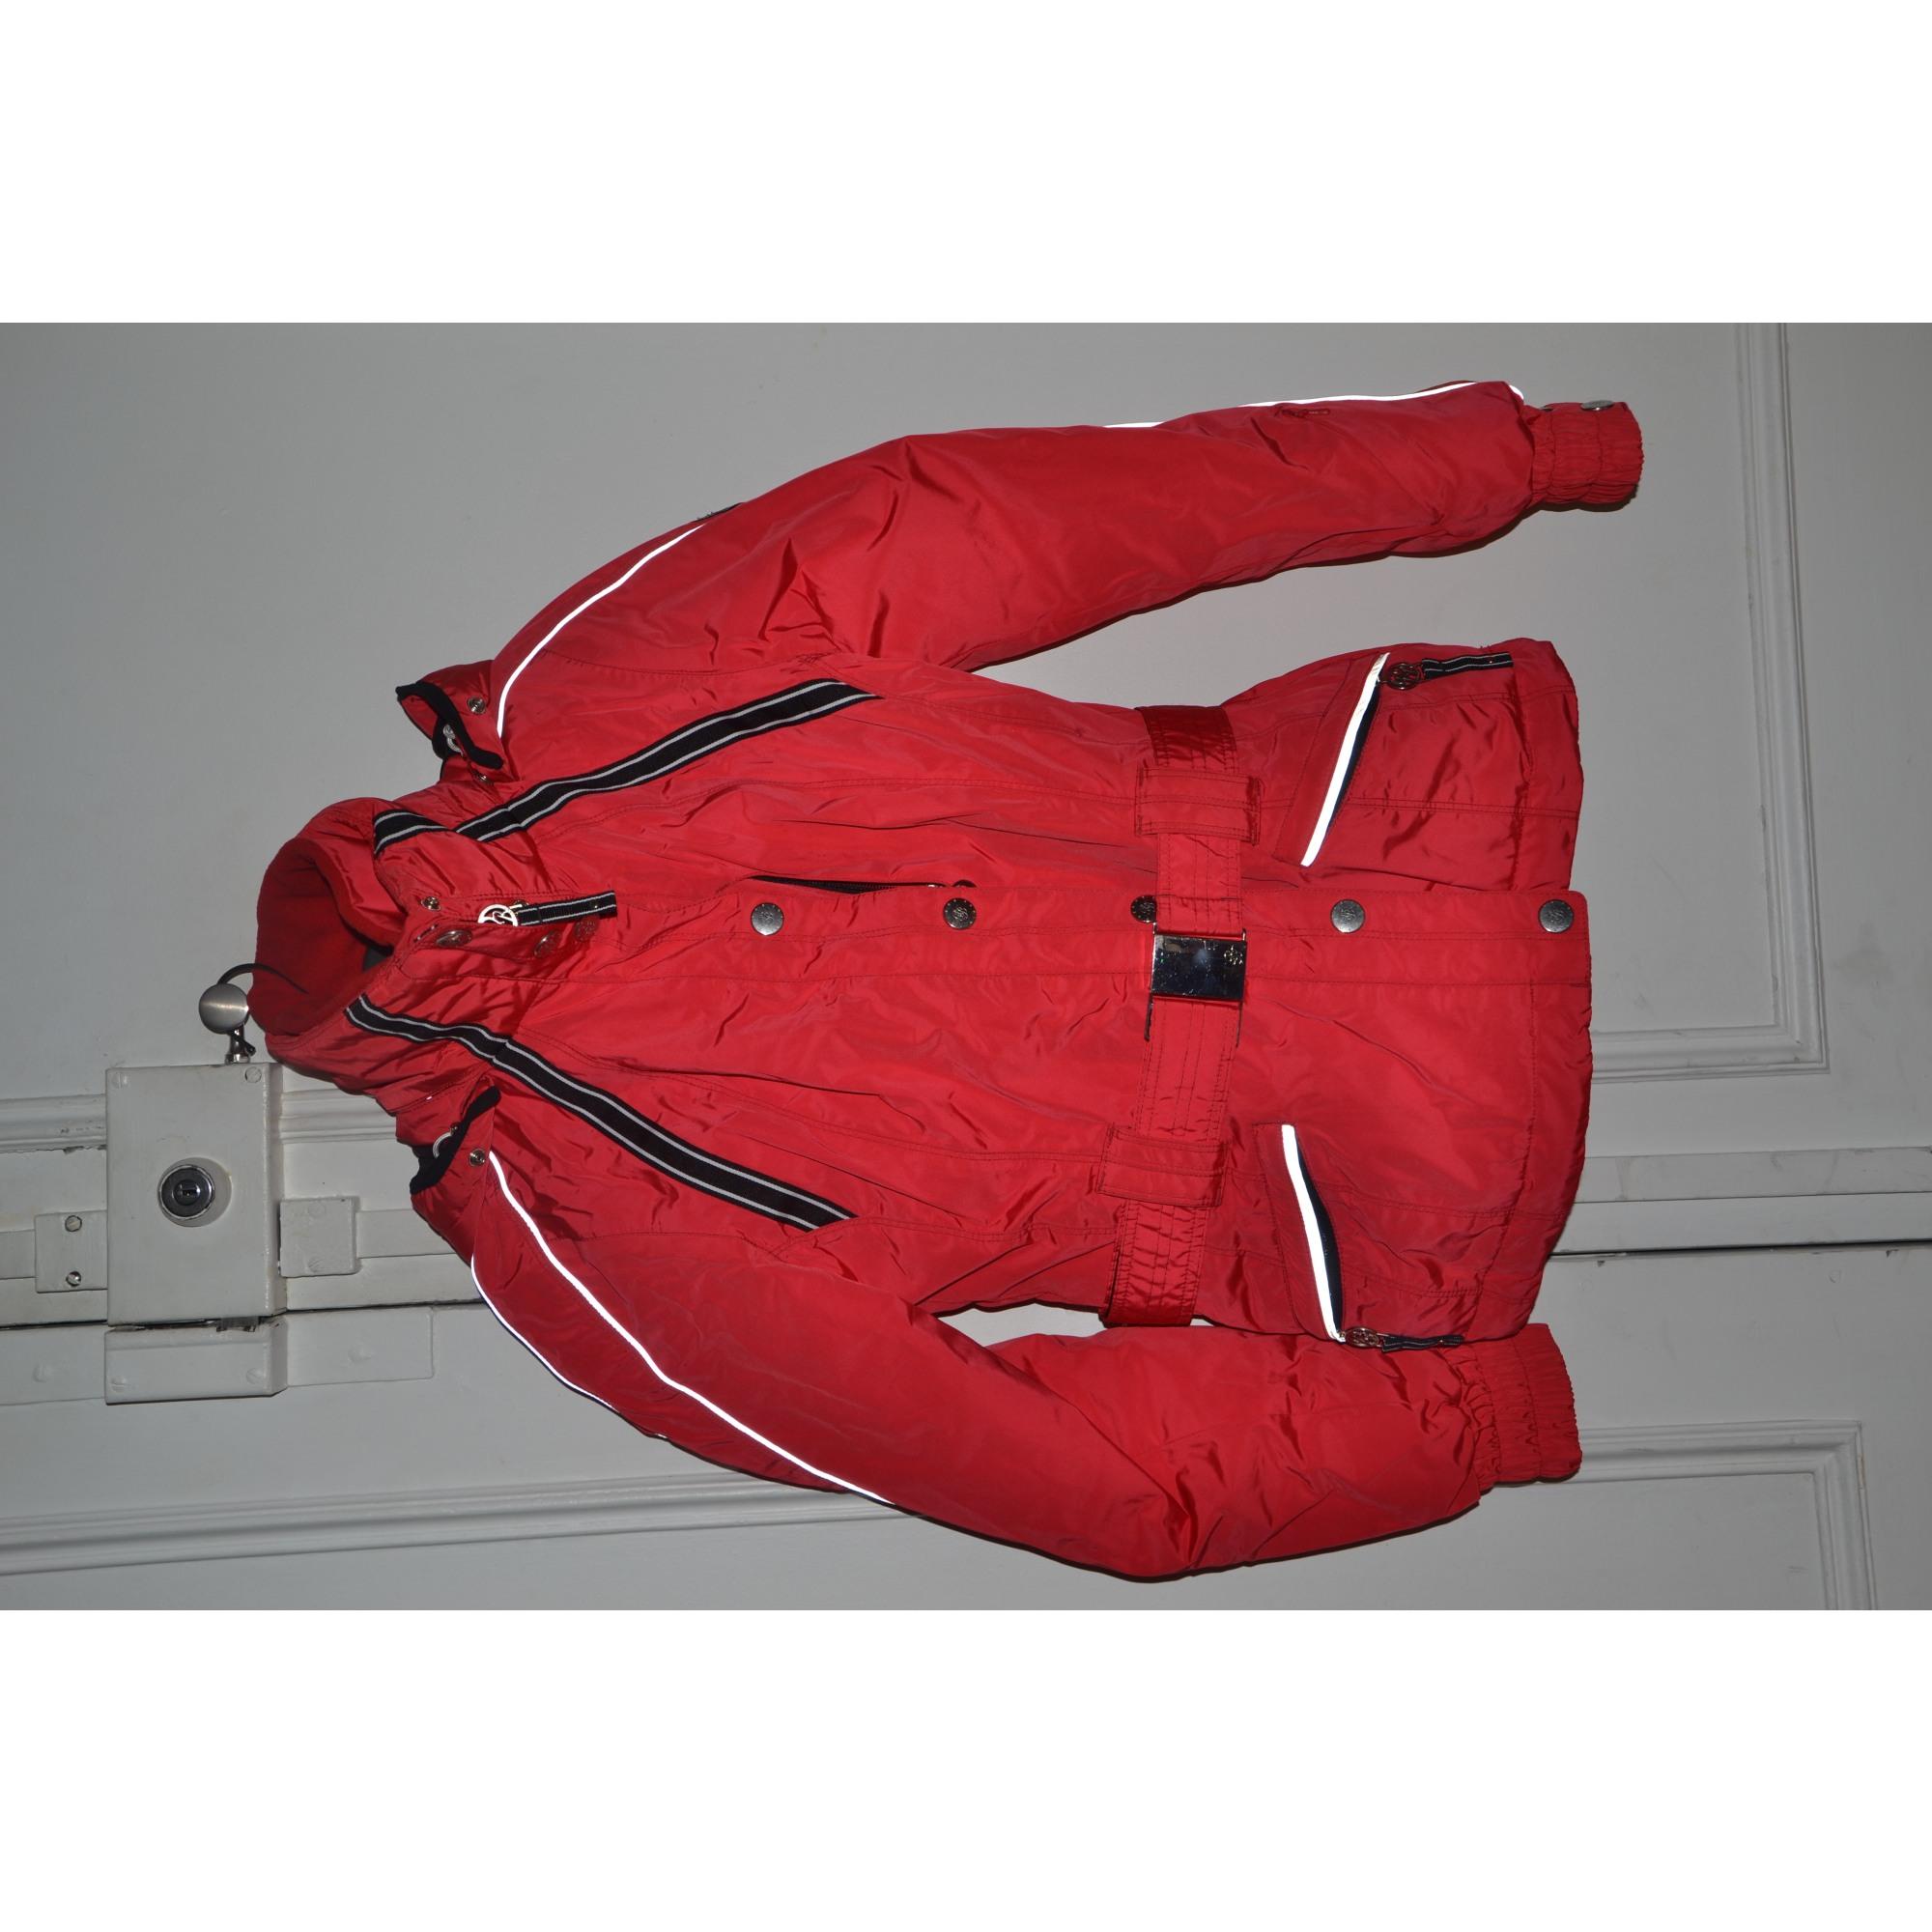 blouson de ski poivre blanc 36 s t1 rouge vendu par dressing18 3290941. Black Bedroom Furniture Sets. Home Design Ideas